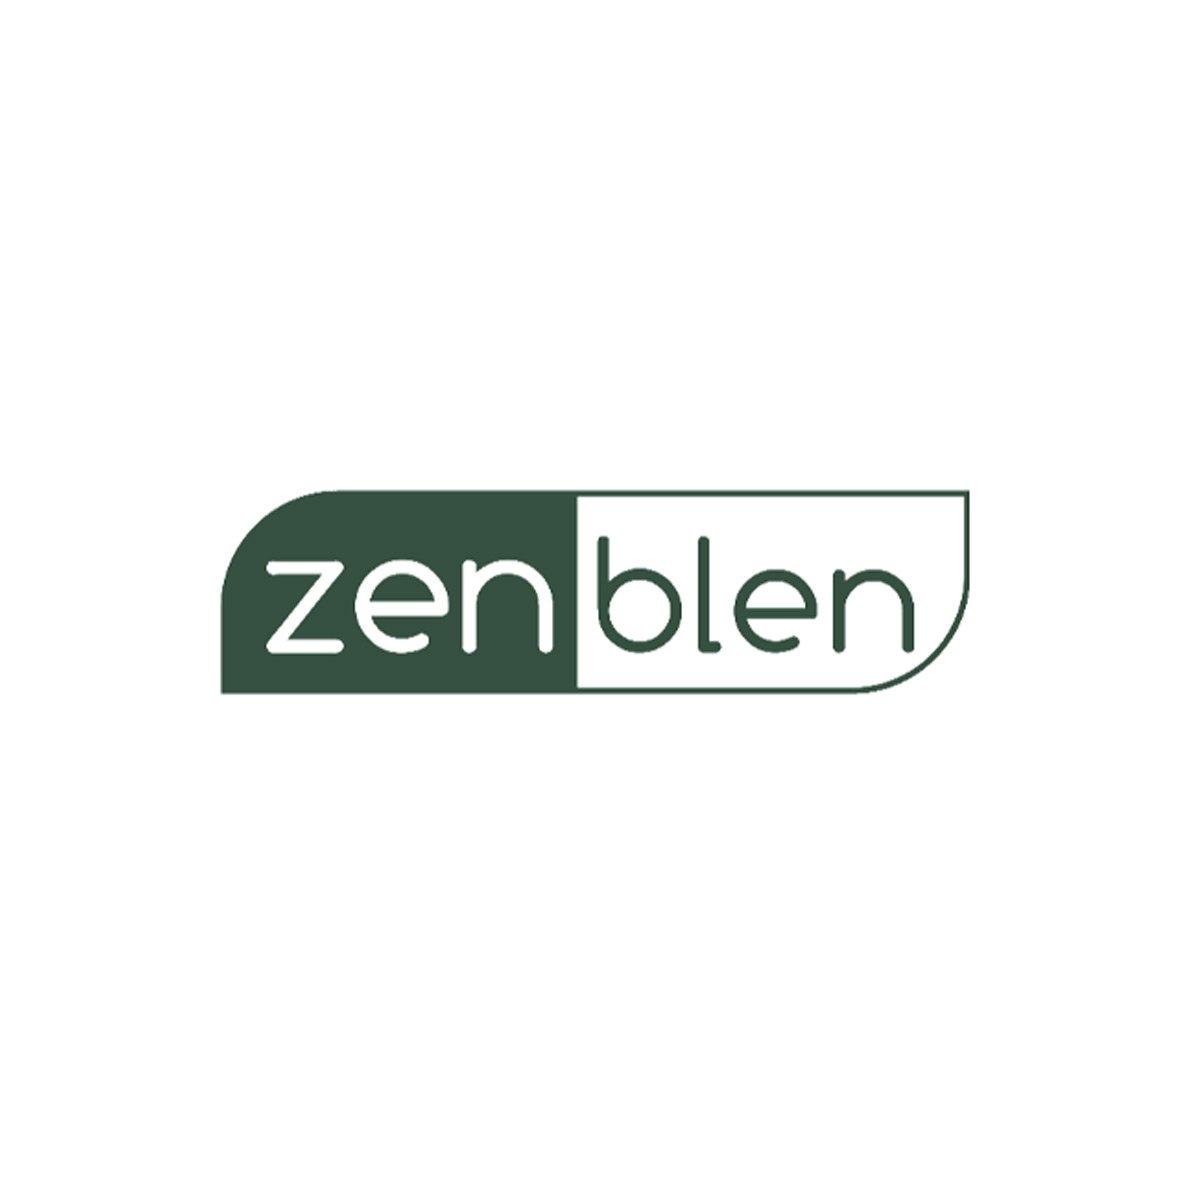 Zenblen